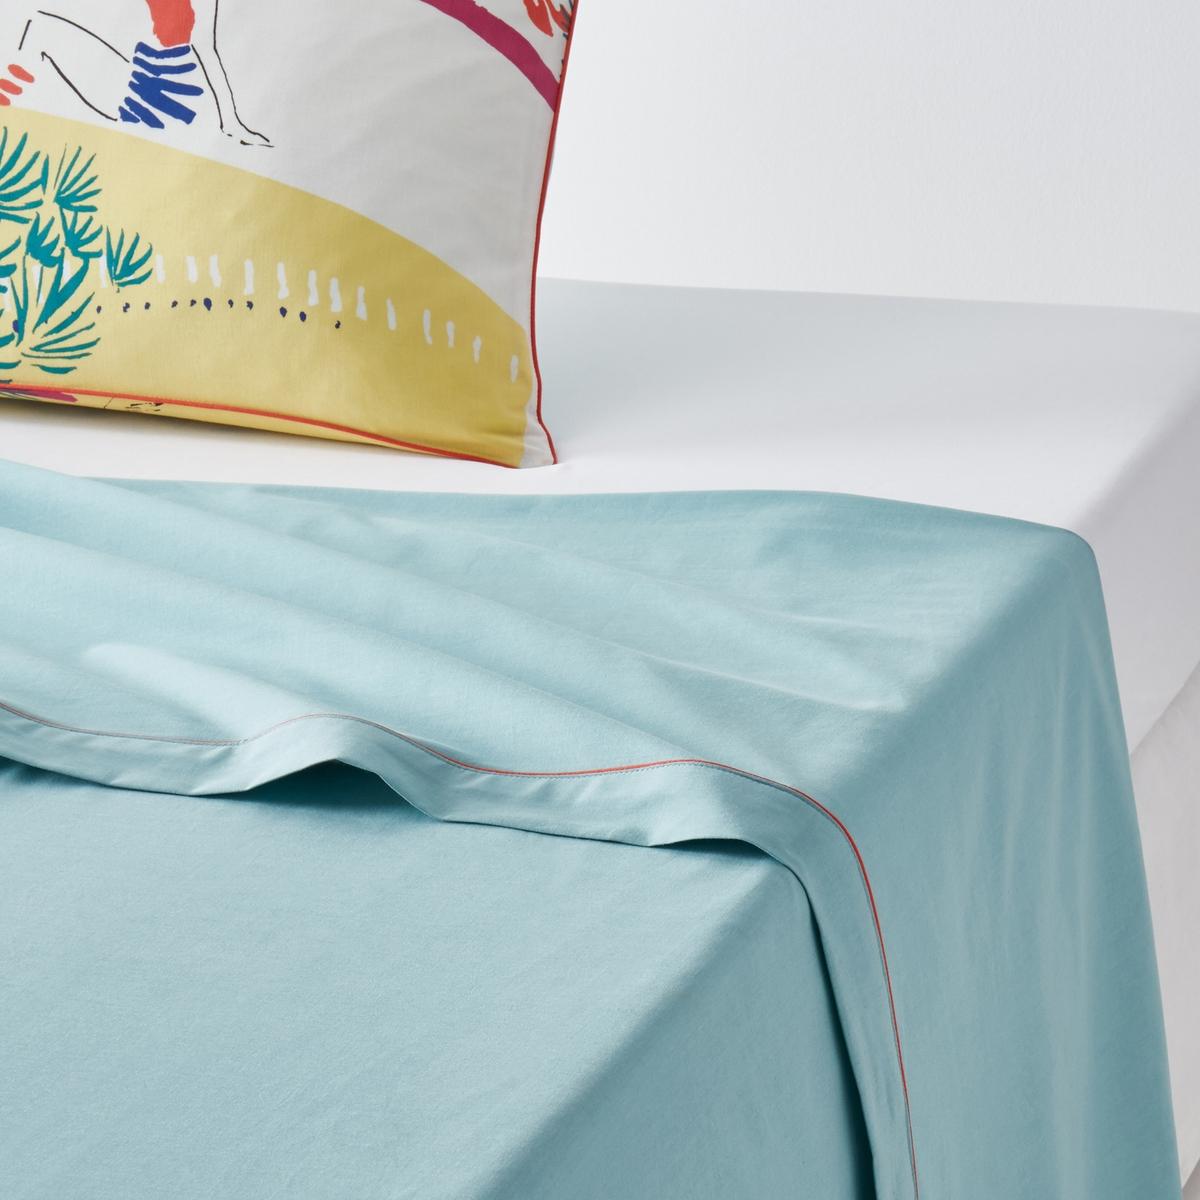 Простыня гладкая с рисунком, PaleissaГладкая простыня с рисунком Paleissa. Яркие цвета и стилизованные мотивы постельного белья Paleissa придают одновременно праздничный и винтажный внешний вид. Характеристики простыни с рисунком Paleissa :Простыня : однотонный сине-зеленый цвет.100% хлопок, 57 нитей/см? : чем больше нитей/см?, тем выше качество ткани.Отделка клапана кантом красного цвета.Машинная стирка при 60 °С.Найдите натяжную простыню из гаммы Sc?nario coton и всю коллекцию Paleissa на сайте  laredoute .ruЗнак Oeko-Tex® гарантирует, что товары прошли проверку и были изготовлены без применения вредных для здоровья человека веществ.Размеры :180 x 290 см : 1-сп240 х 290 см : 2-сп.270 x 290 см : 2-сп.<br><br>Цвет: рисунок желтый/синий